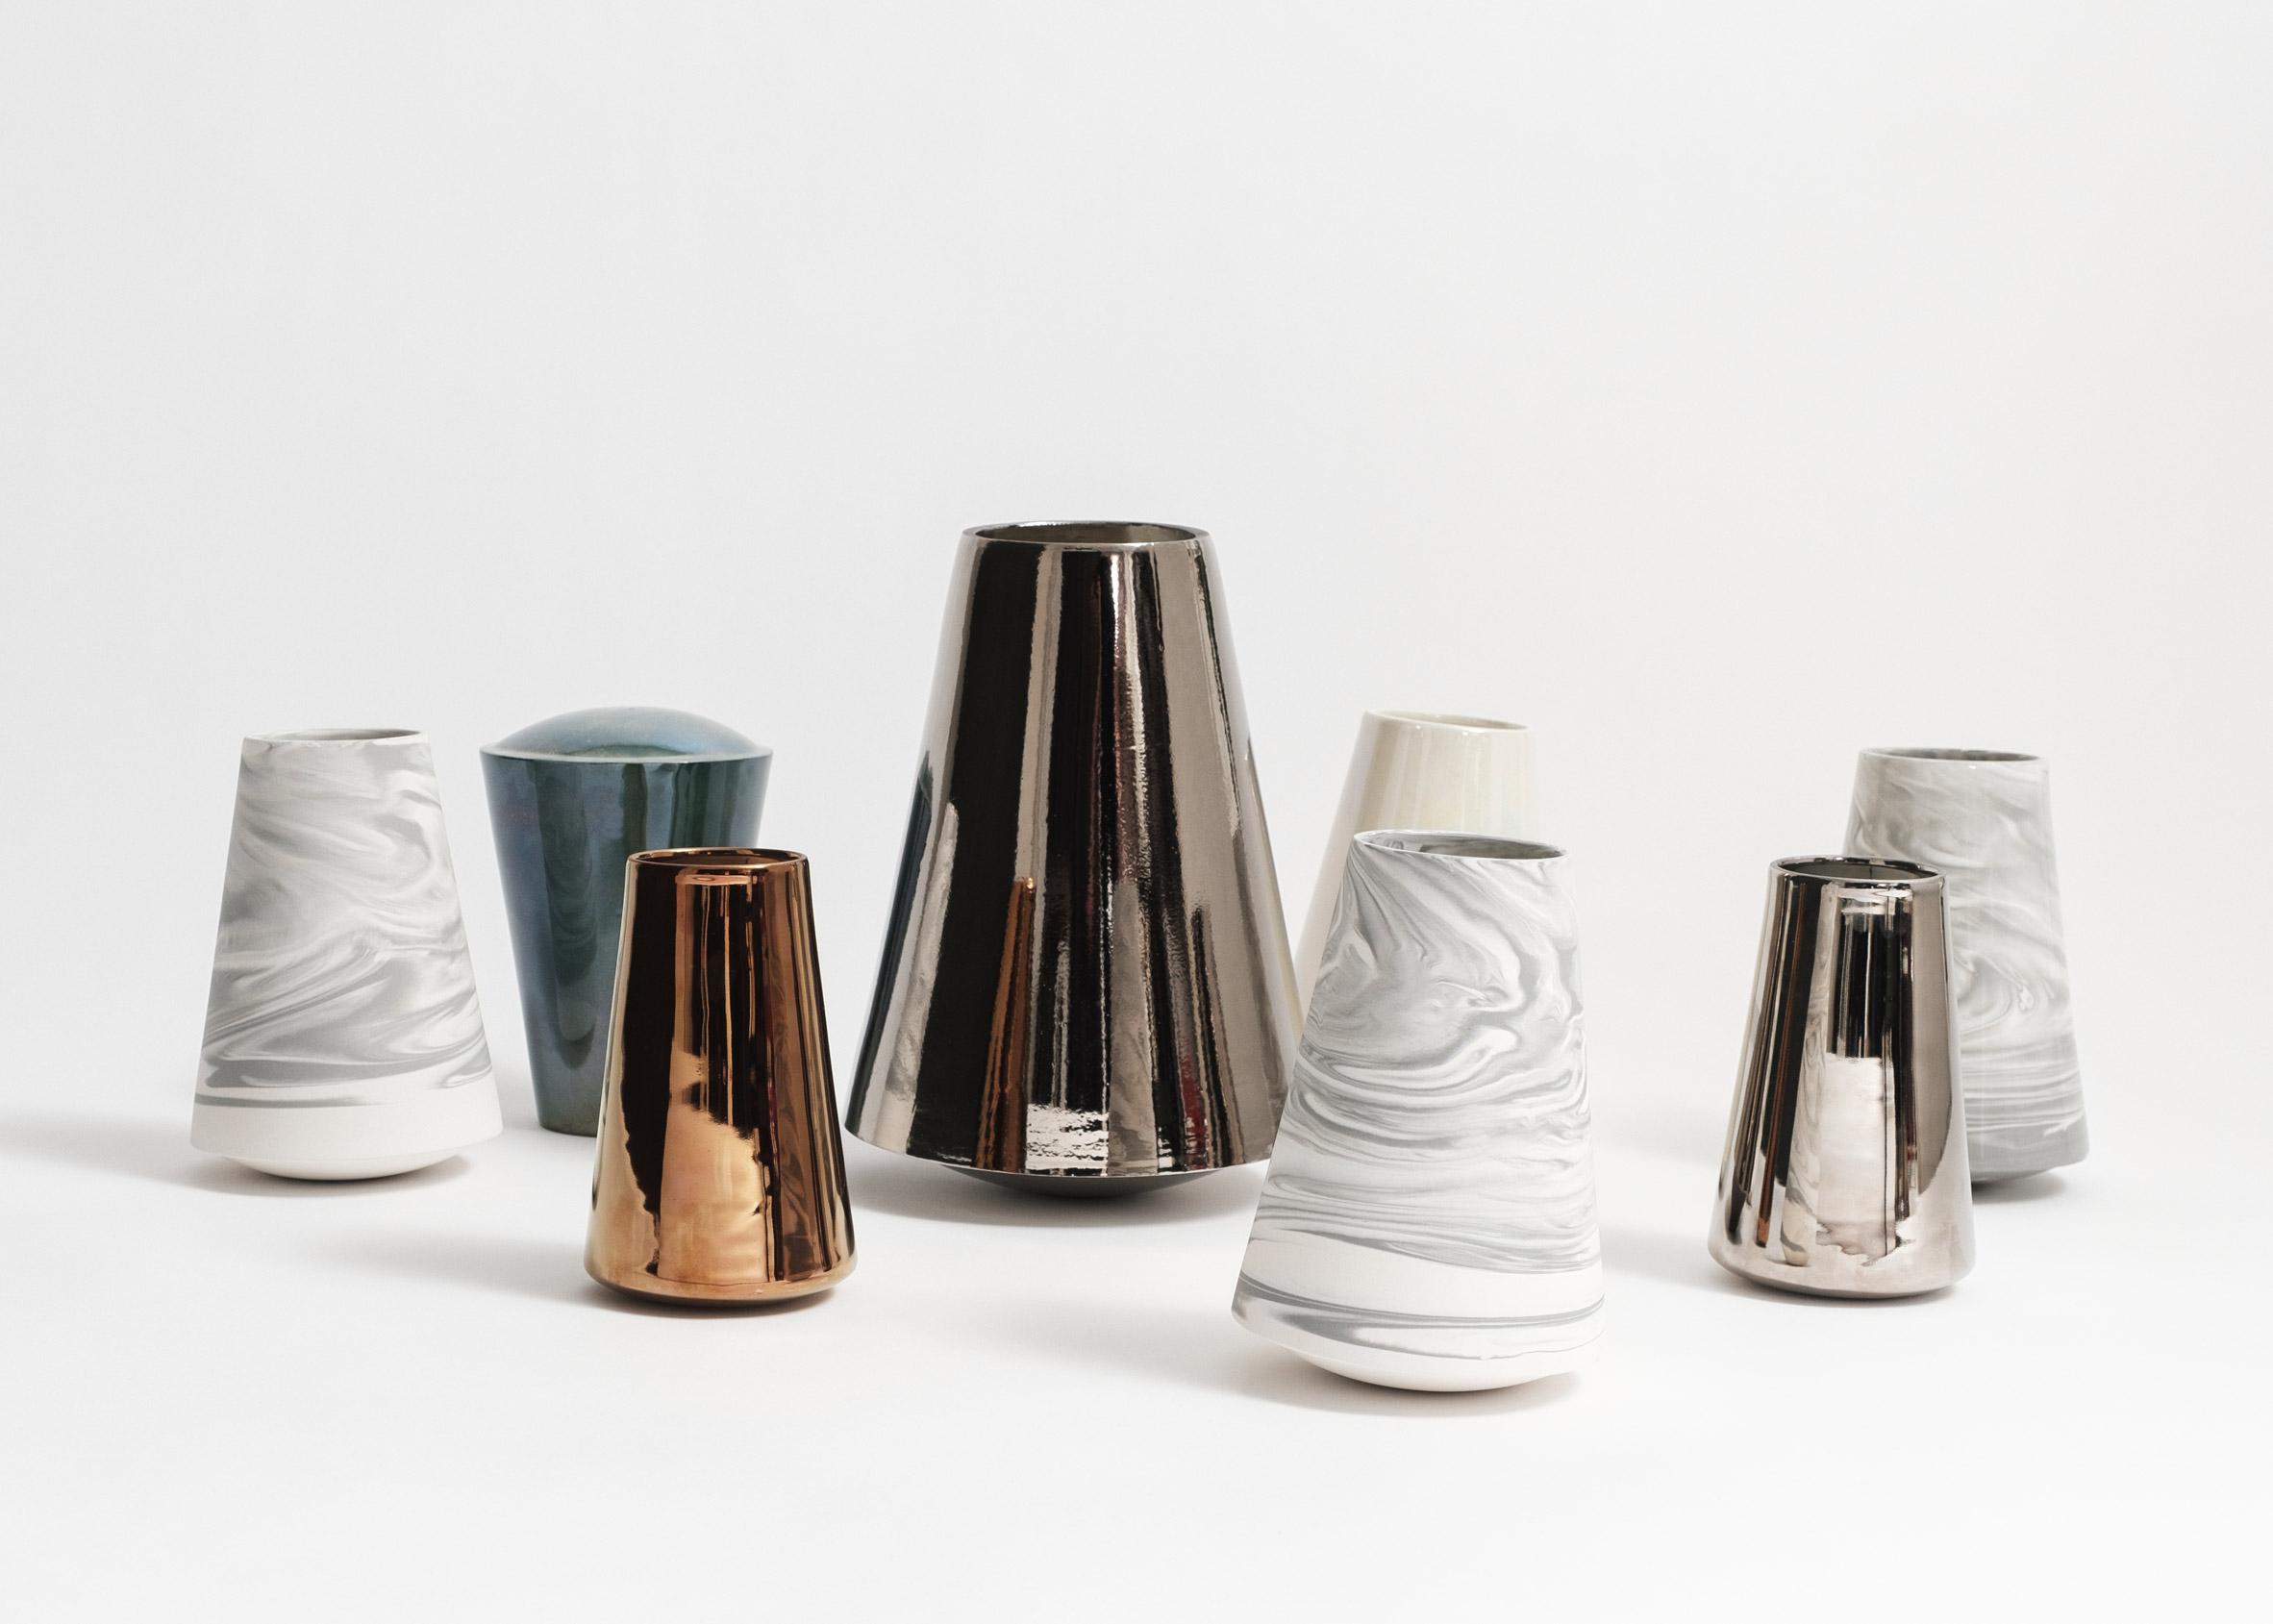 Dancing Vase by Raili Keiv for NID